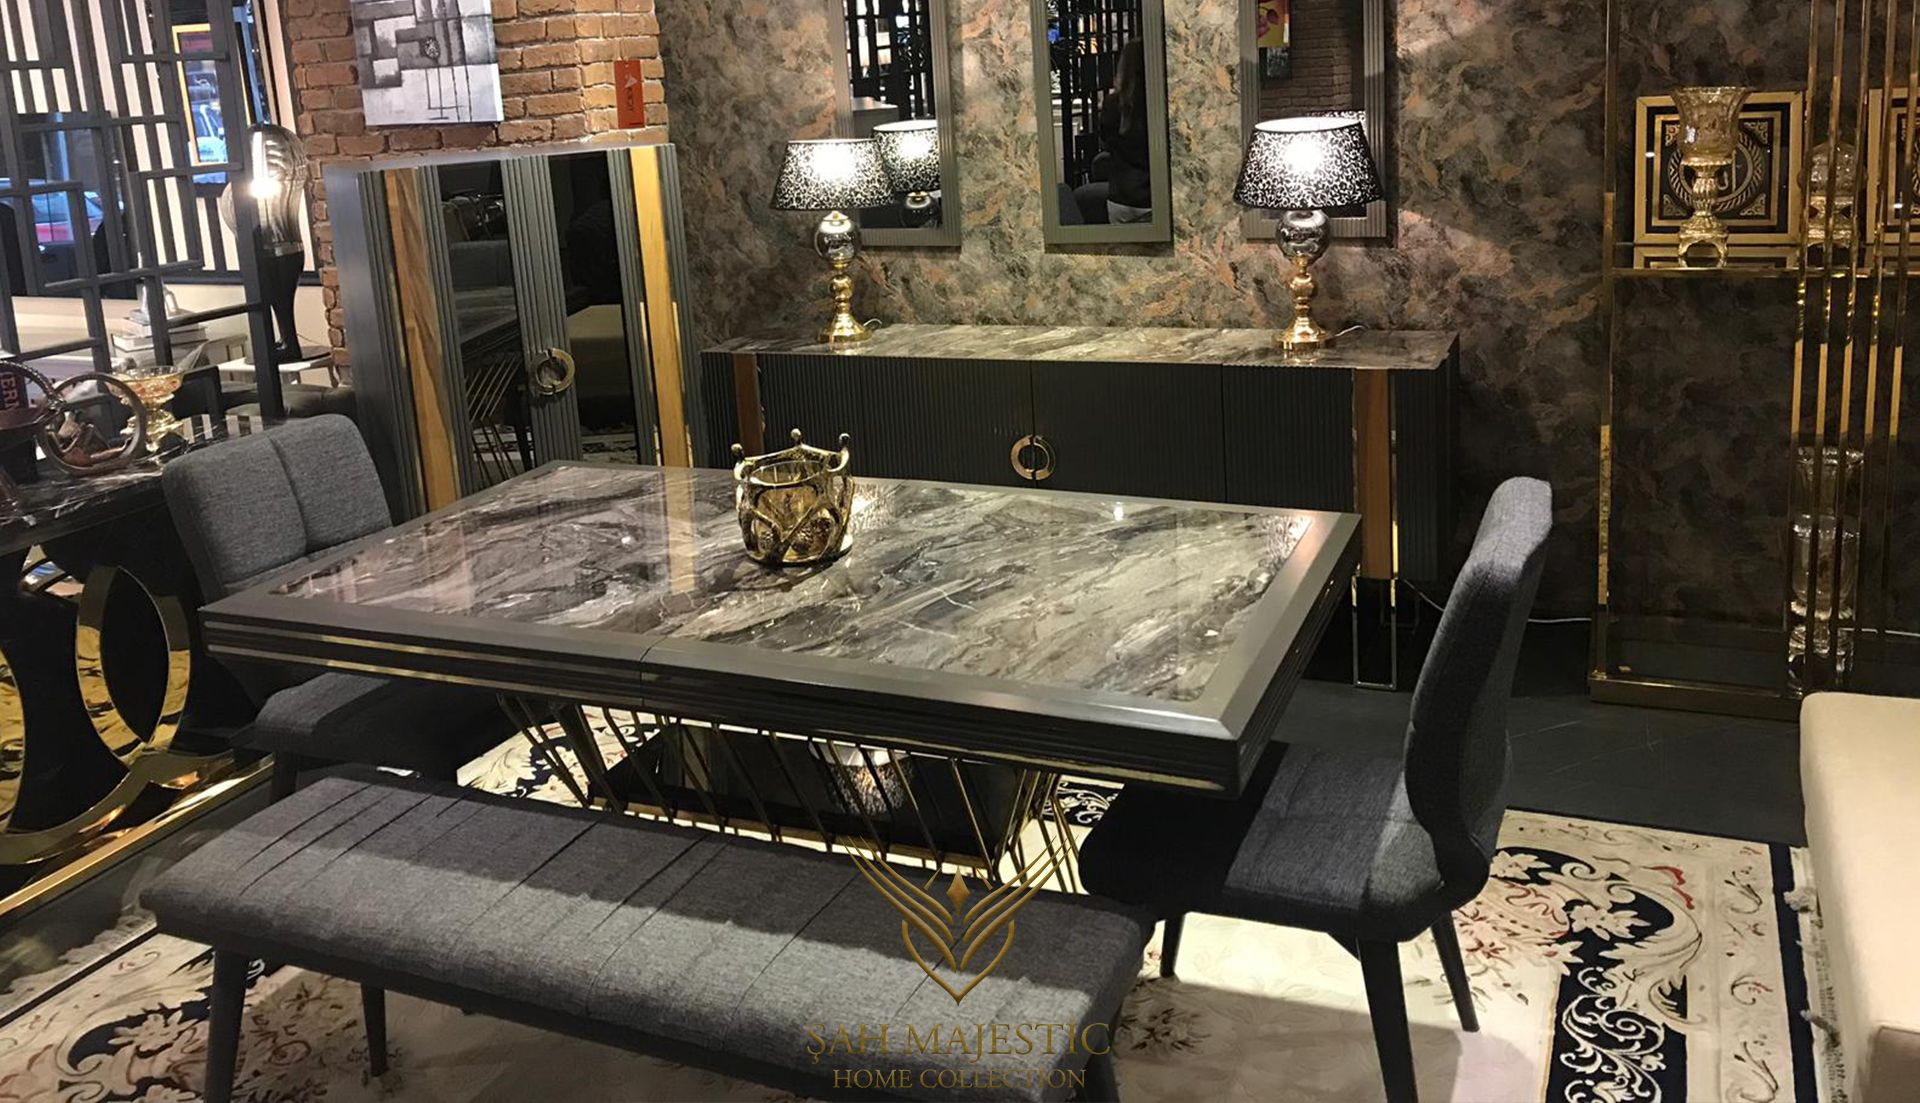 Doğal Mermerin sıcak yanını en özel tasarımlarla buluşturmaya özen gösteriyoruz. #sahmajestic #mobilya #masko #maskomobilyakenti #maskomobilya #evdekorasyon #evdekorasyonfikirleri #dekorasyonfikirleri #mobilyadekorasyon #luxuryfurniture #modernfurniture #furniture #decor #ofisdekorasyon #evdekor #projects #köşekoltuk #design #bedroomdesign #koltuktakımları #yemekodası #yatakodası #interiordesign #mobilya #istanbul